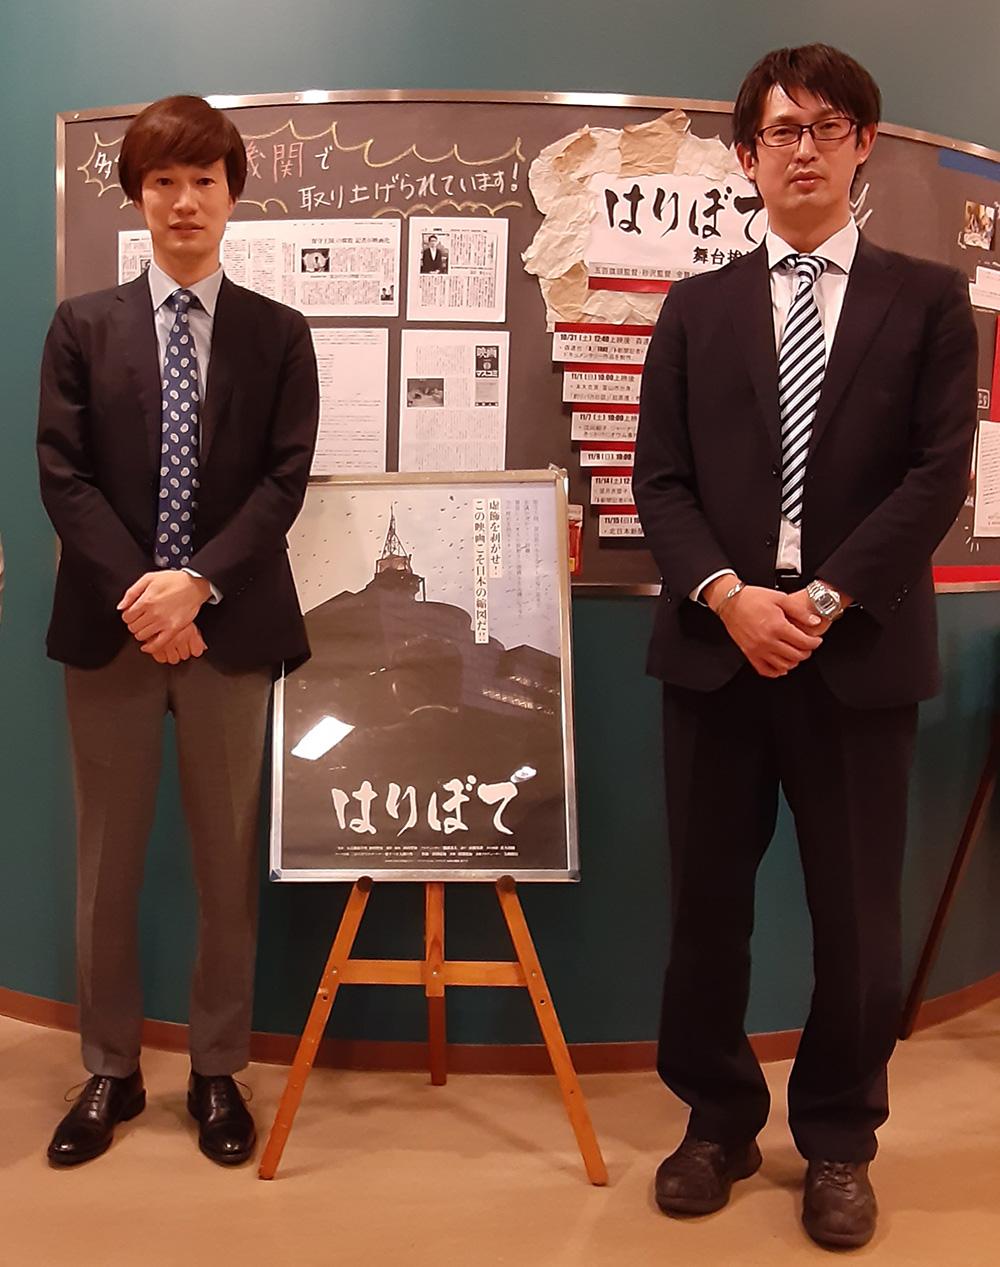 株式会社チューリップテレビ及び五百旗頭幸男・砂沢智史